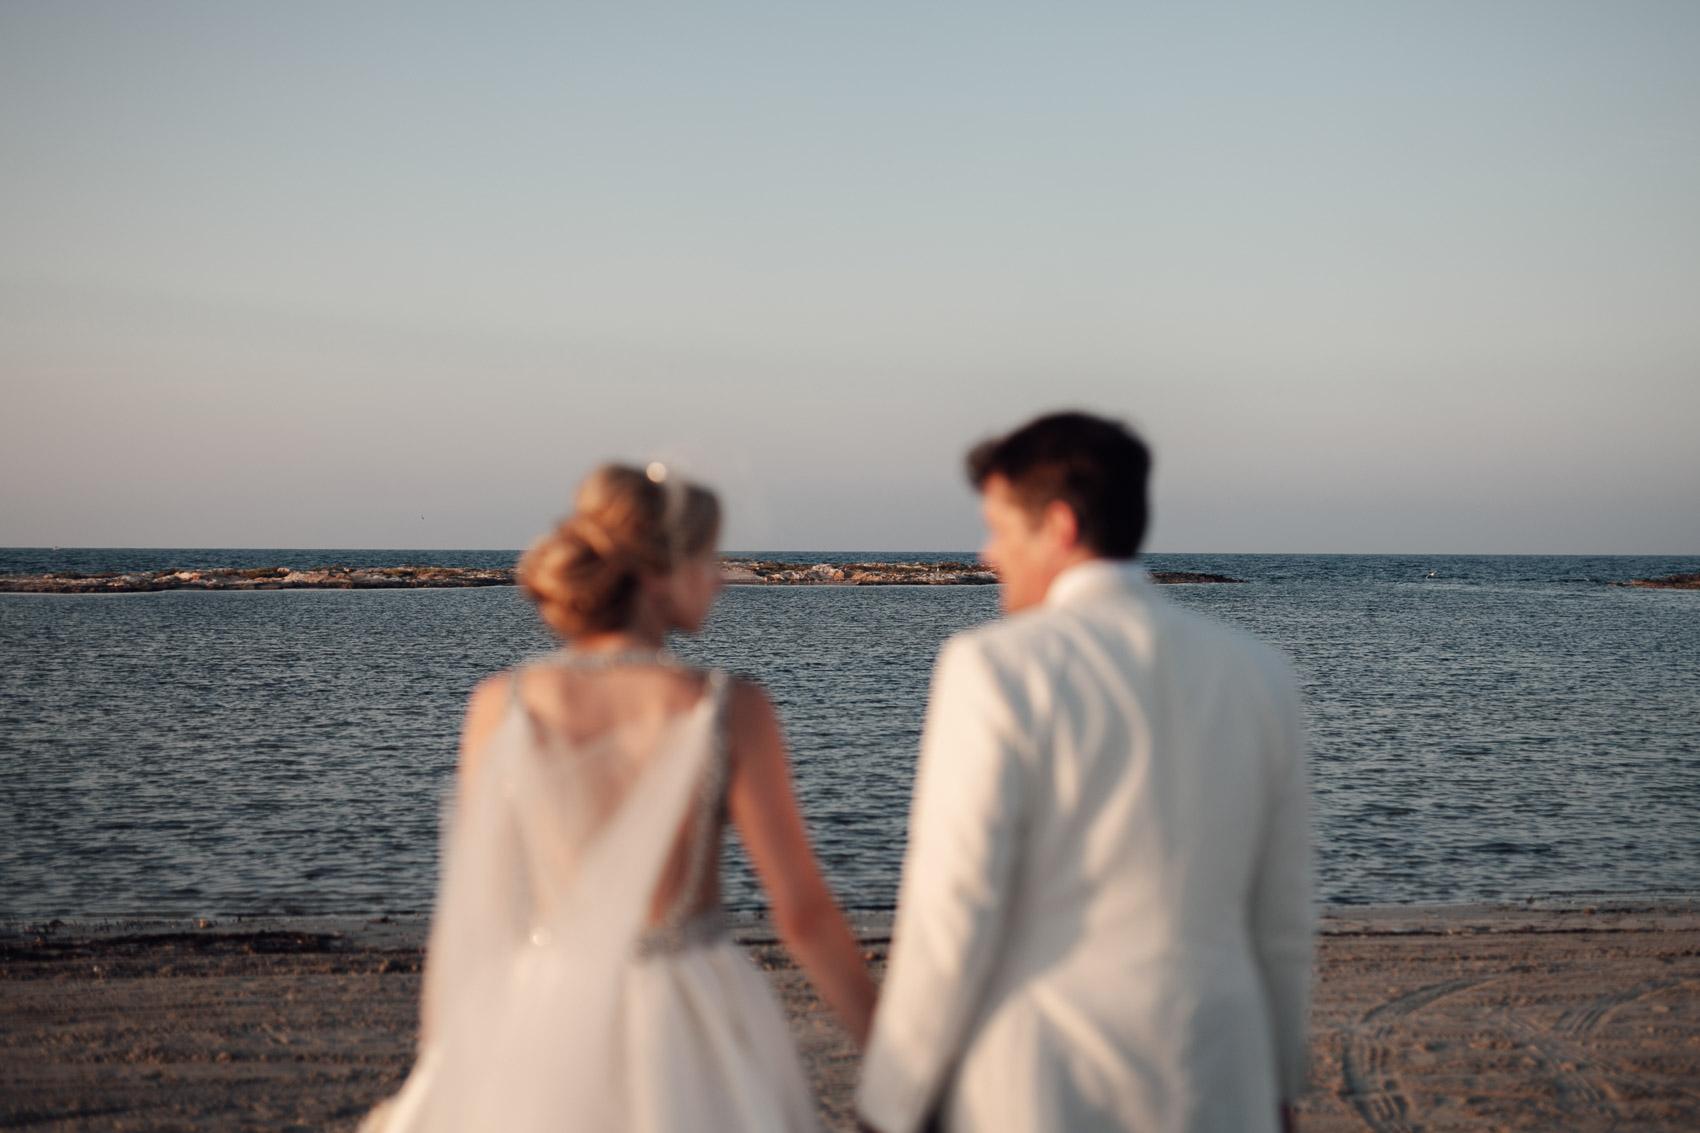 novios pareja union manos playa mar menor